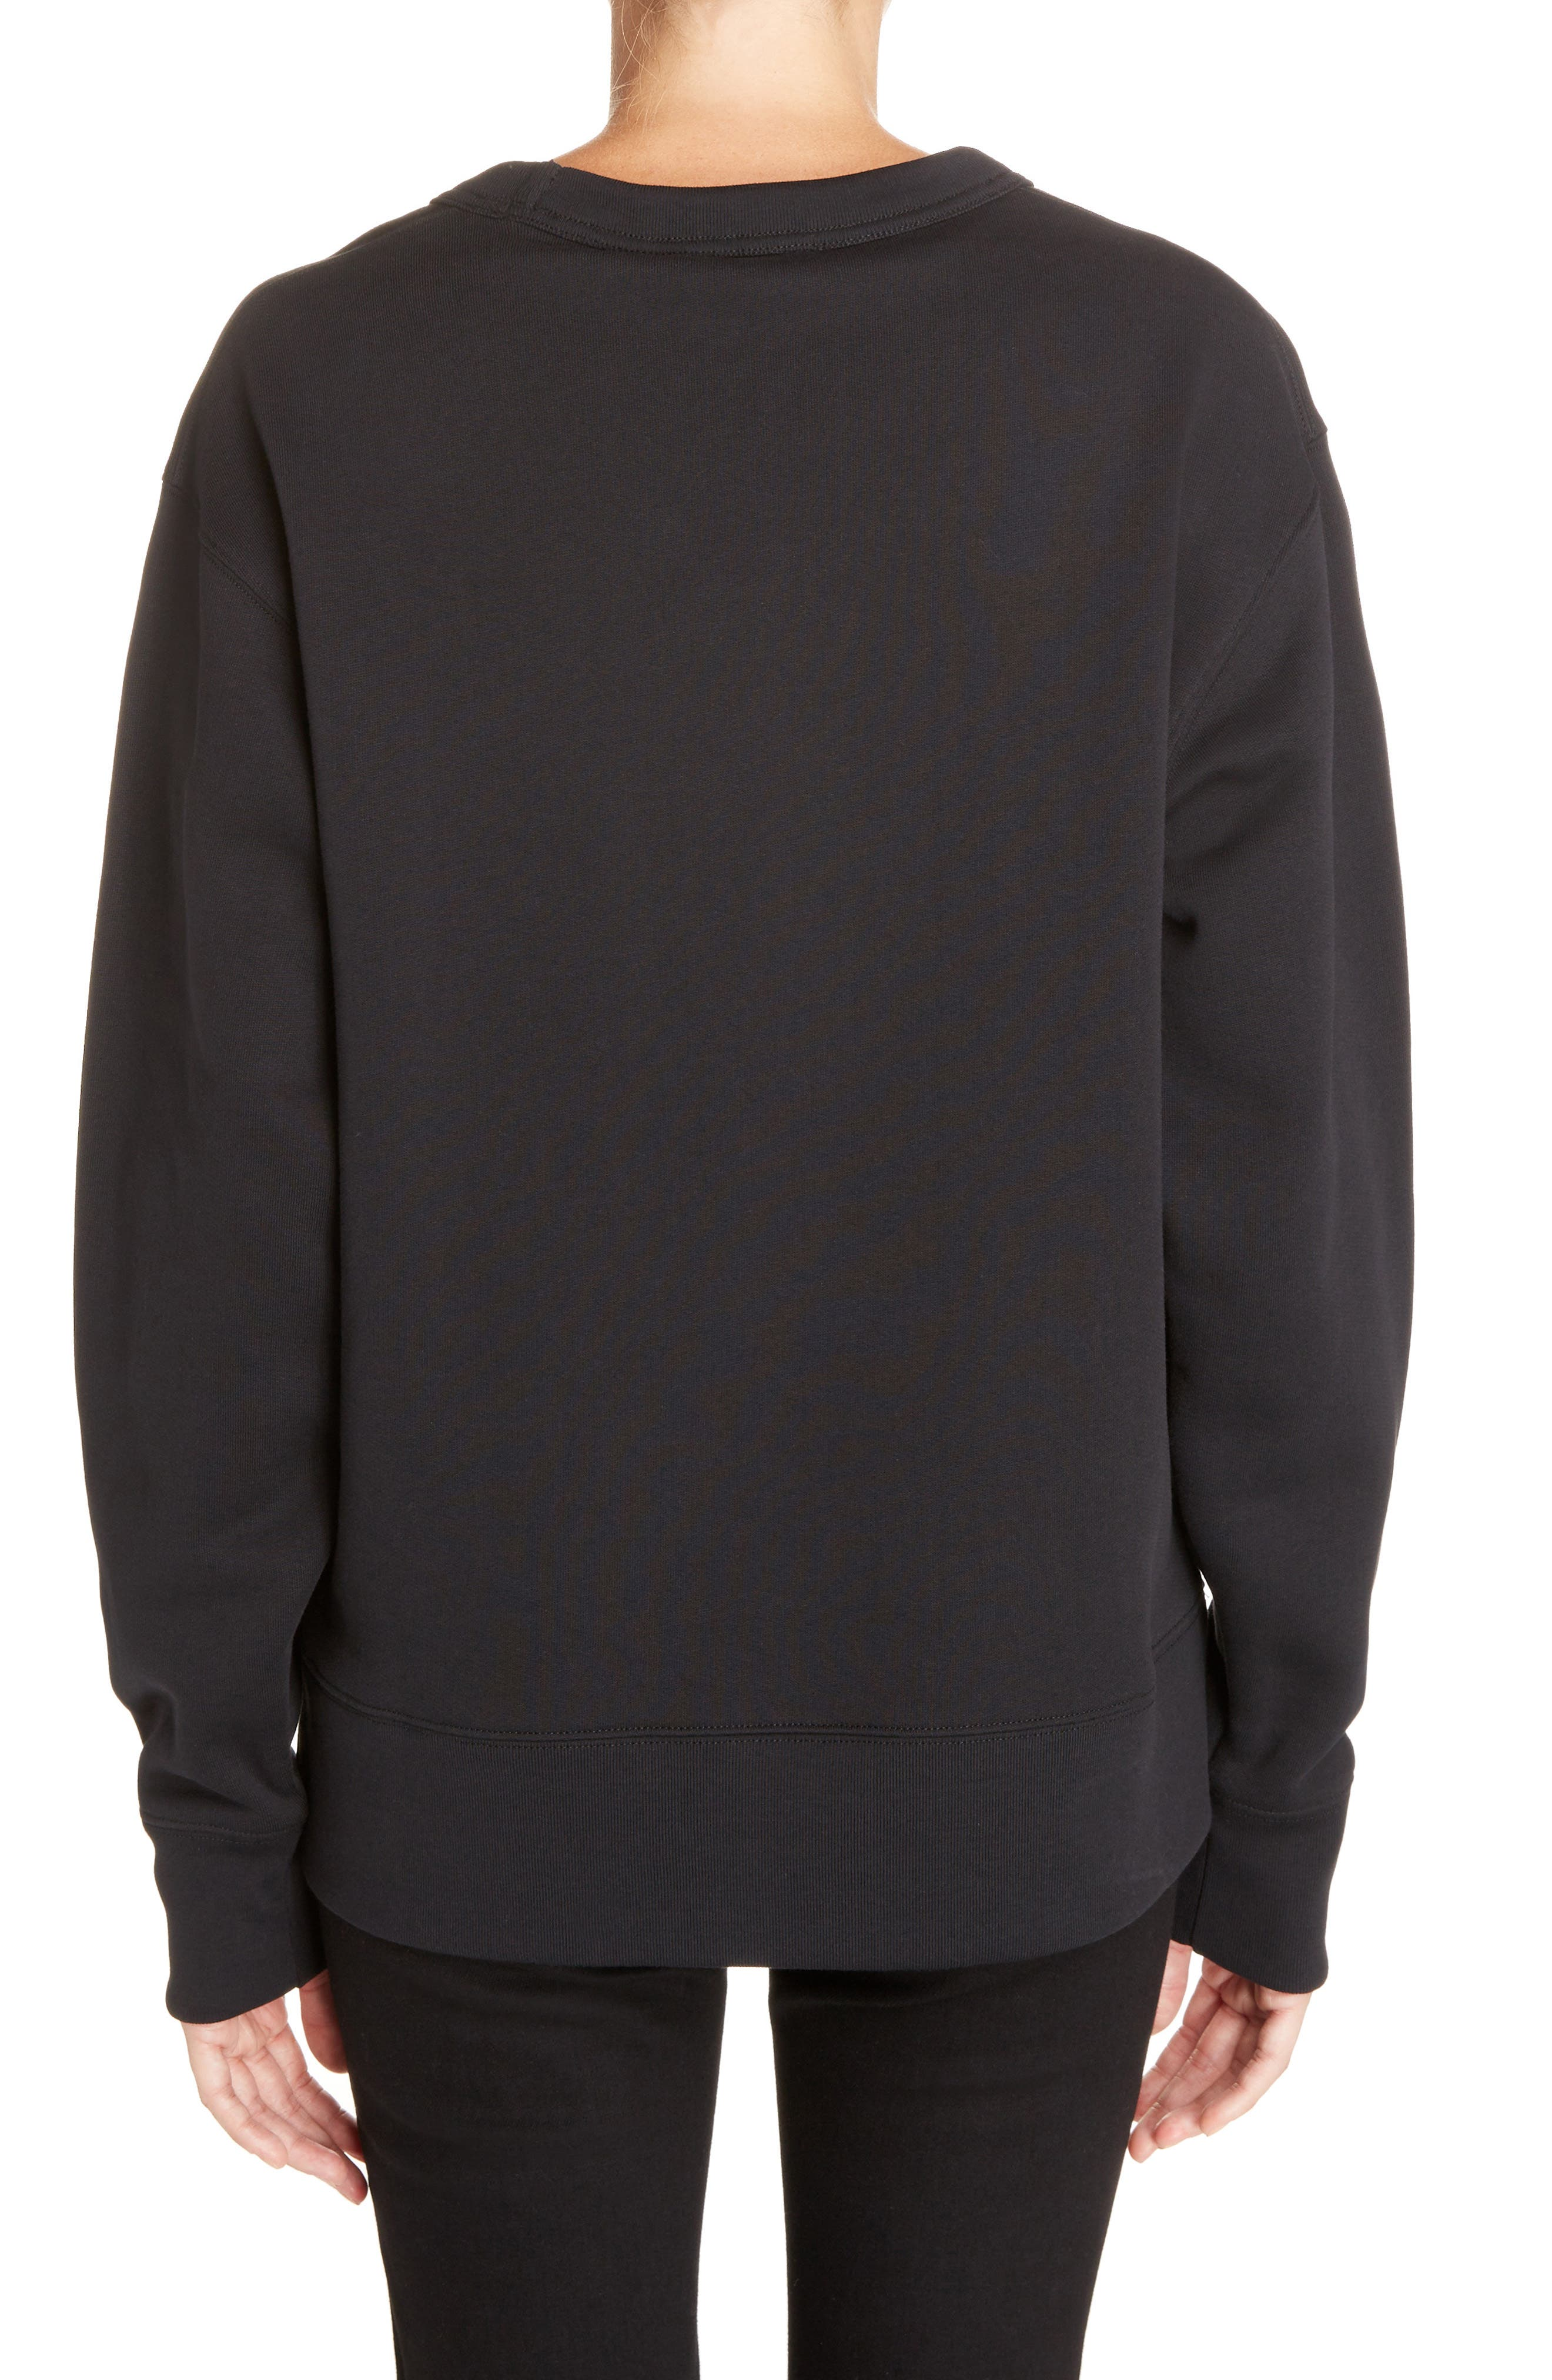 Fairview Crewneck Sweatshirt,                             Alternate thumbnail 2, color,                             001